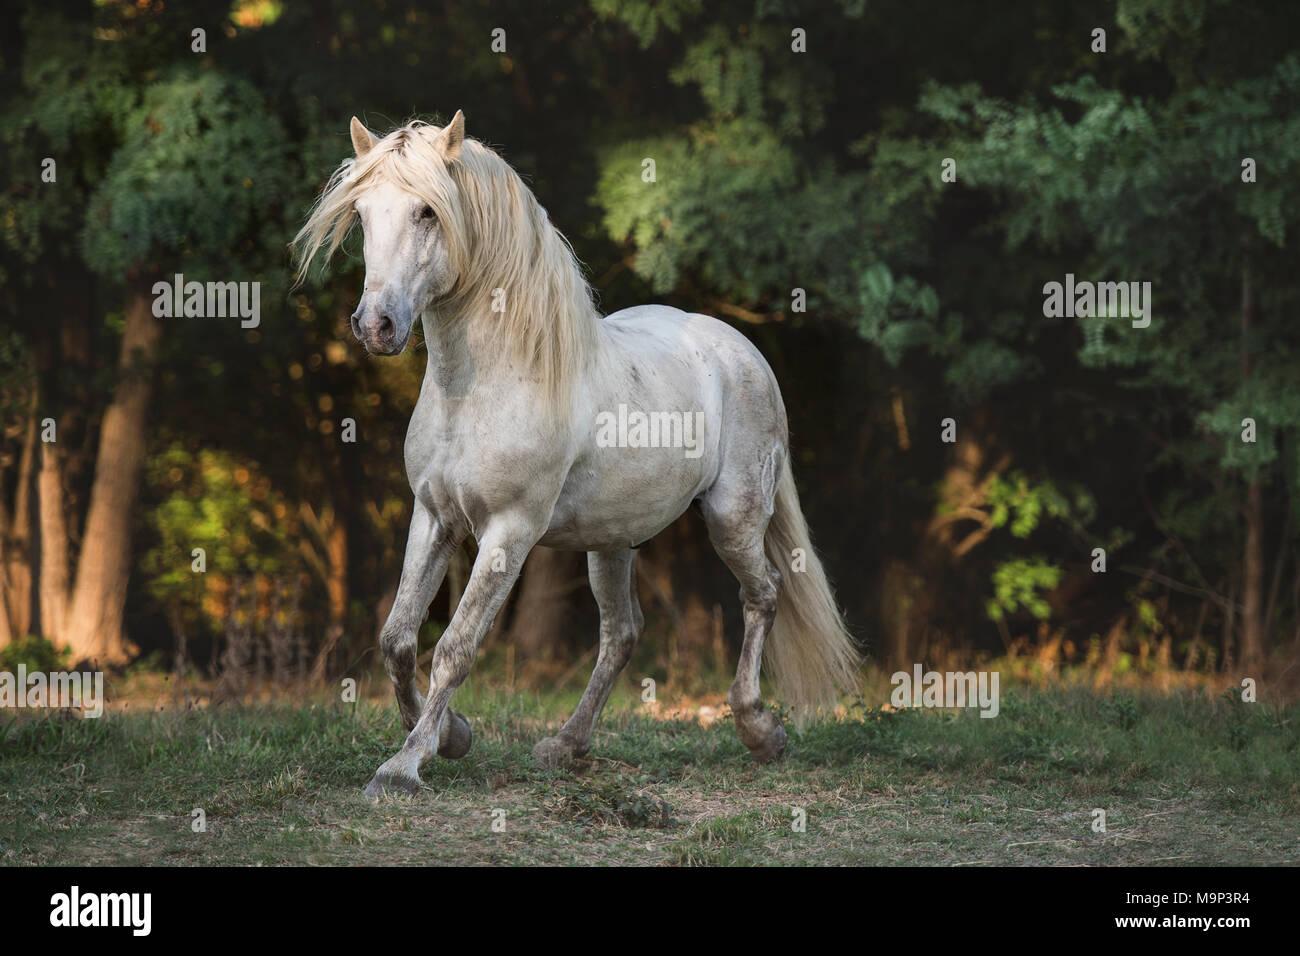 Camargue stallion (Equus), trotting, stallion, France - Stock Image